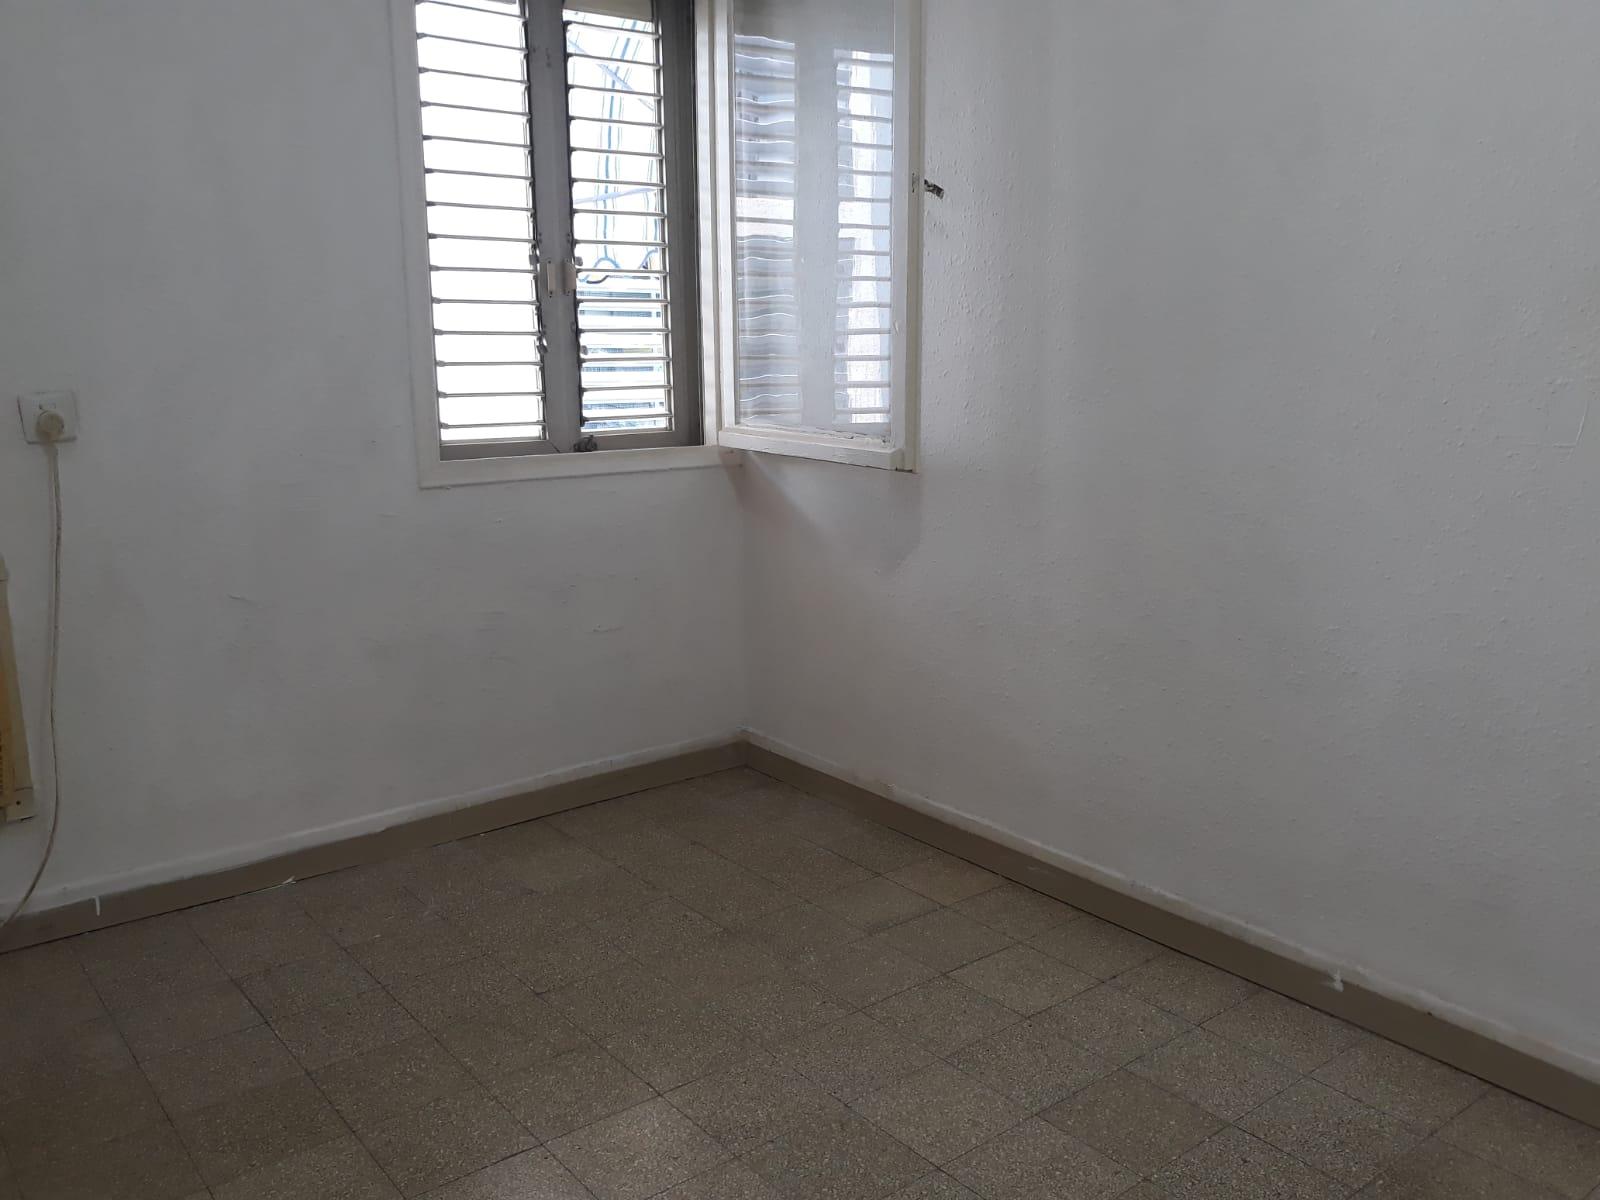 דירה ל מכירה 2 חדרים בפתח תקוה